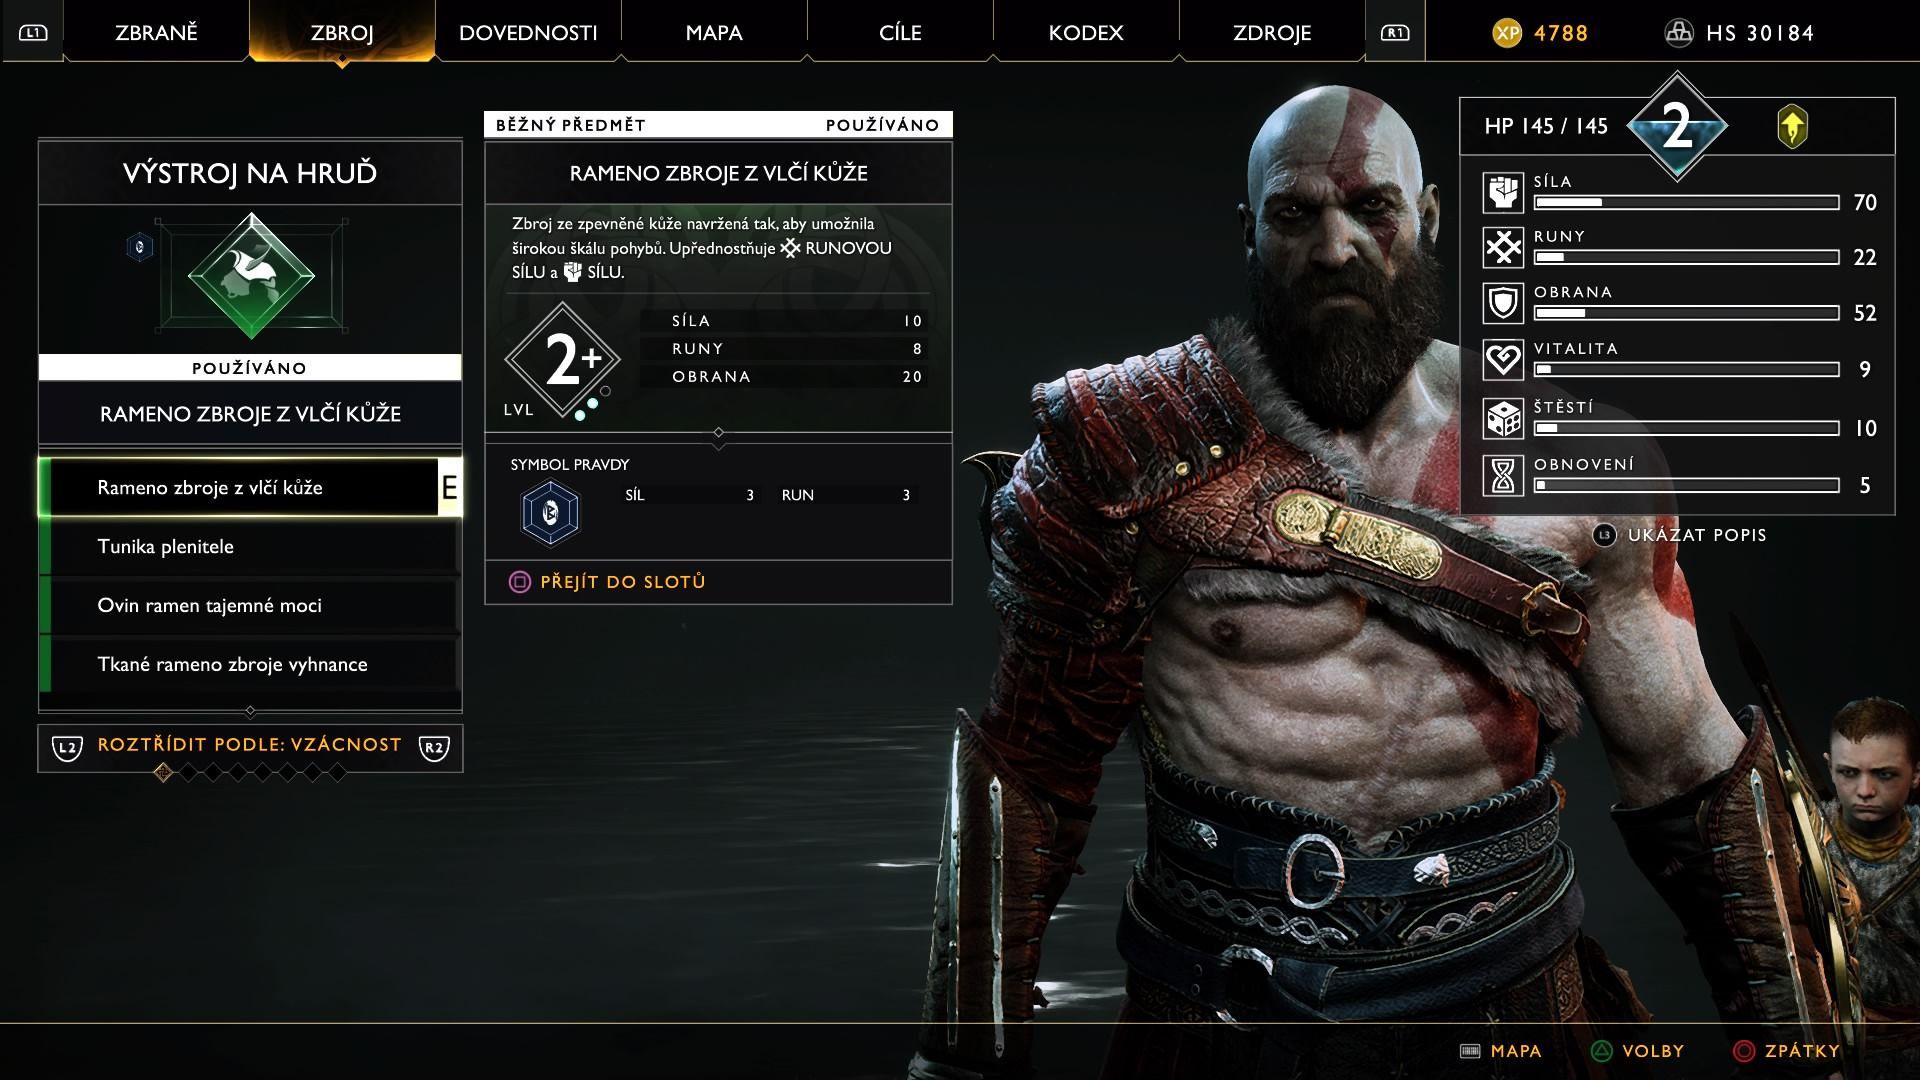 V hre nájdeme aj pomerne obšírny systém vylepšovania postavy